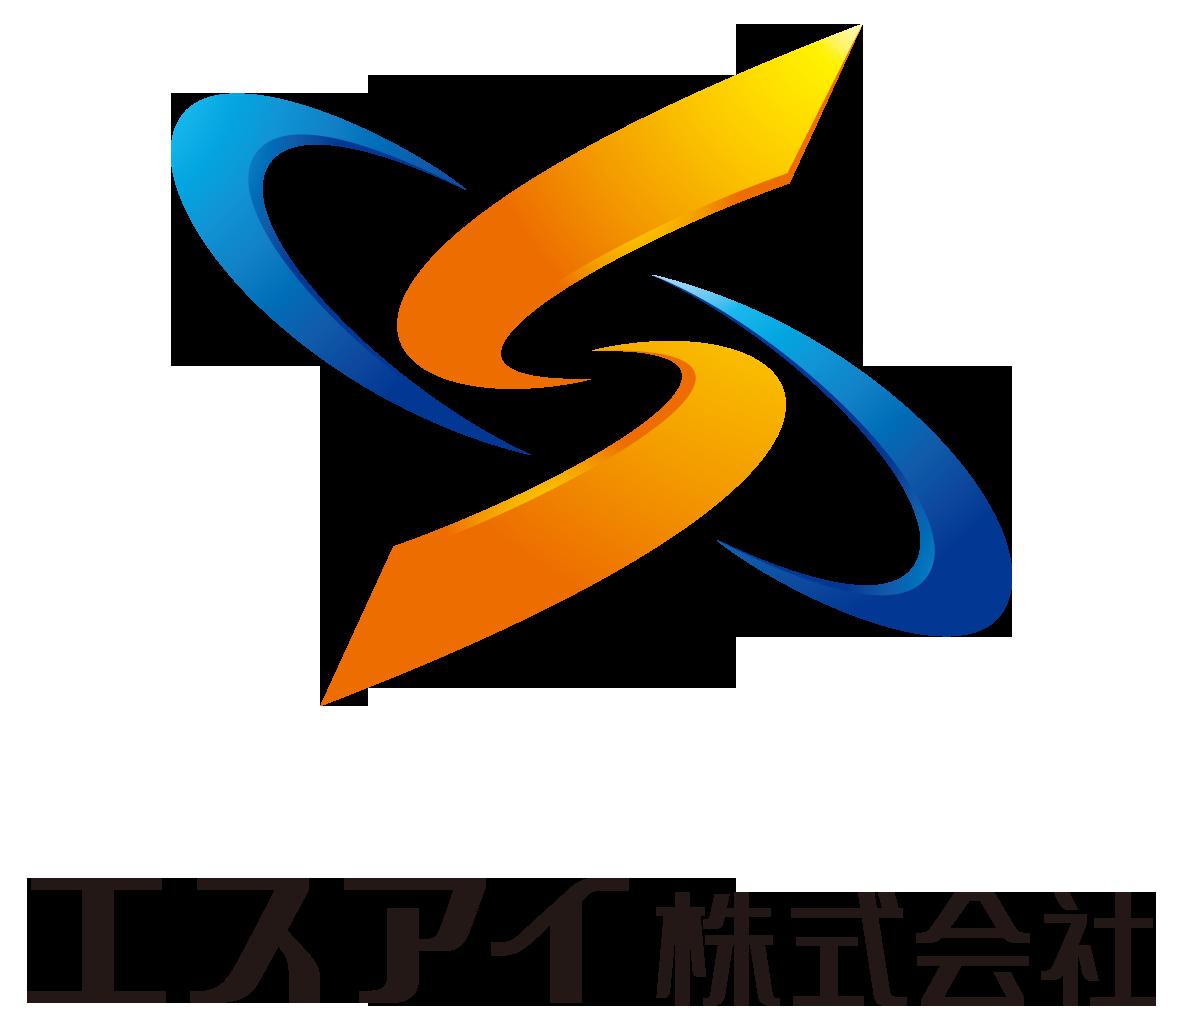 ソフトウェア・プログラム開発と堅め/堅実とオレンジのロゴ